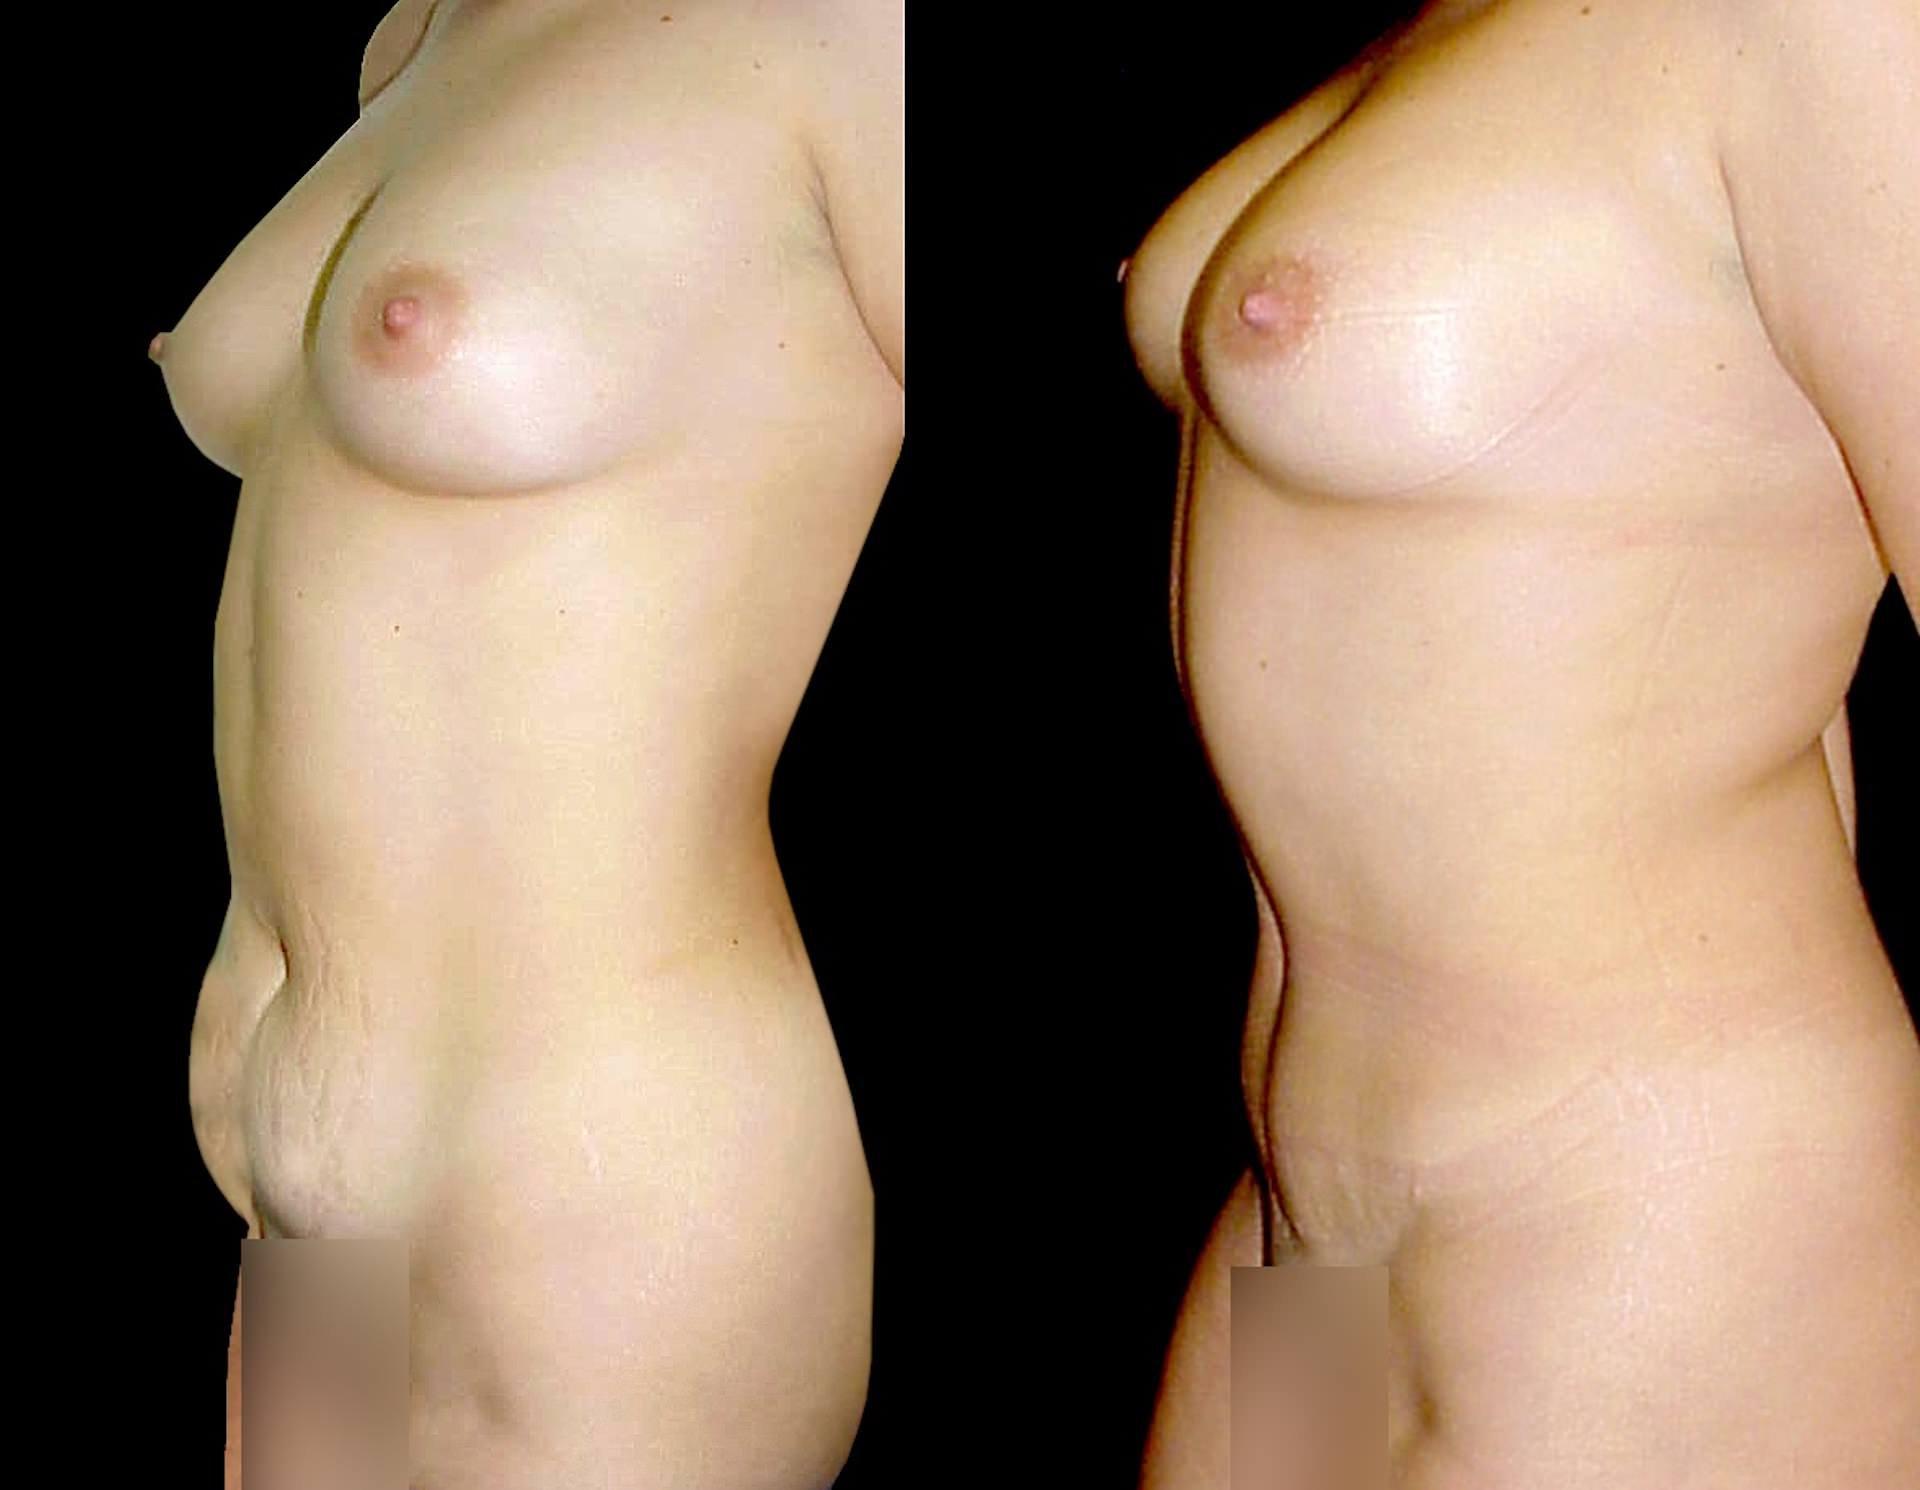 Antes e depois de corpo de mulher com gravidezes sucessivas oscilações de peso e perda do tónus muscular recorre a abdominoplastia para remover flacidez e gordura abdominal e reposicionamento da musculatura da parede abdominal na Clínica Ibérico Nogueira